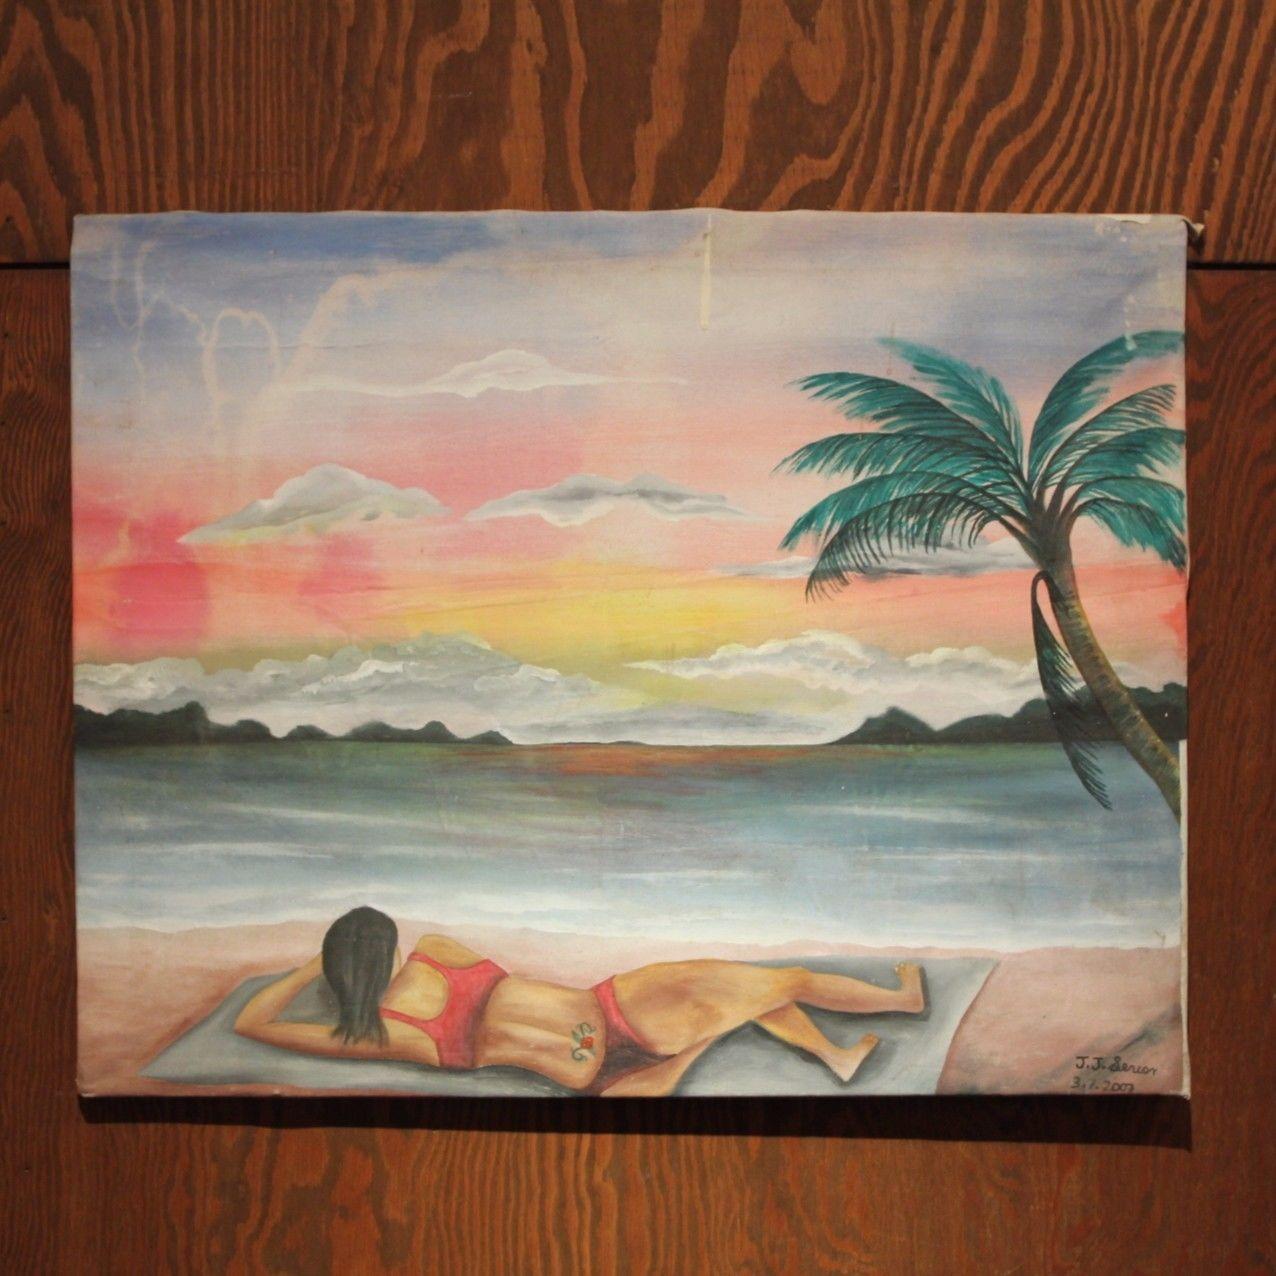 ジャマイカ ペイント 海、ヤシの木、水着女性 J.J(ジャマイカ絵画)